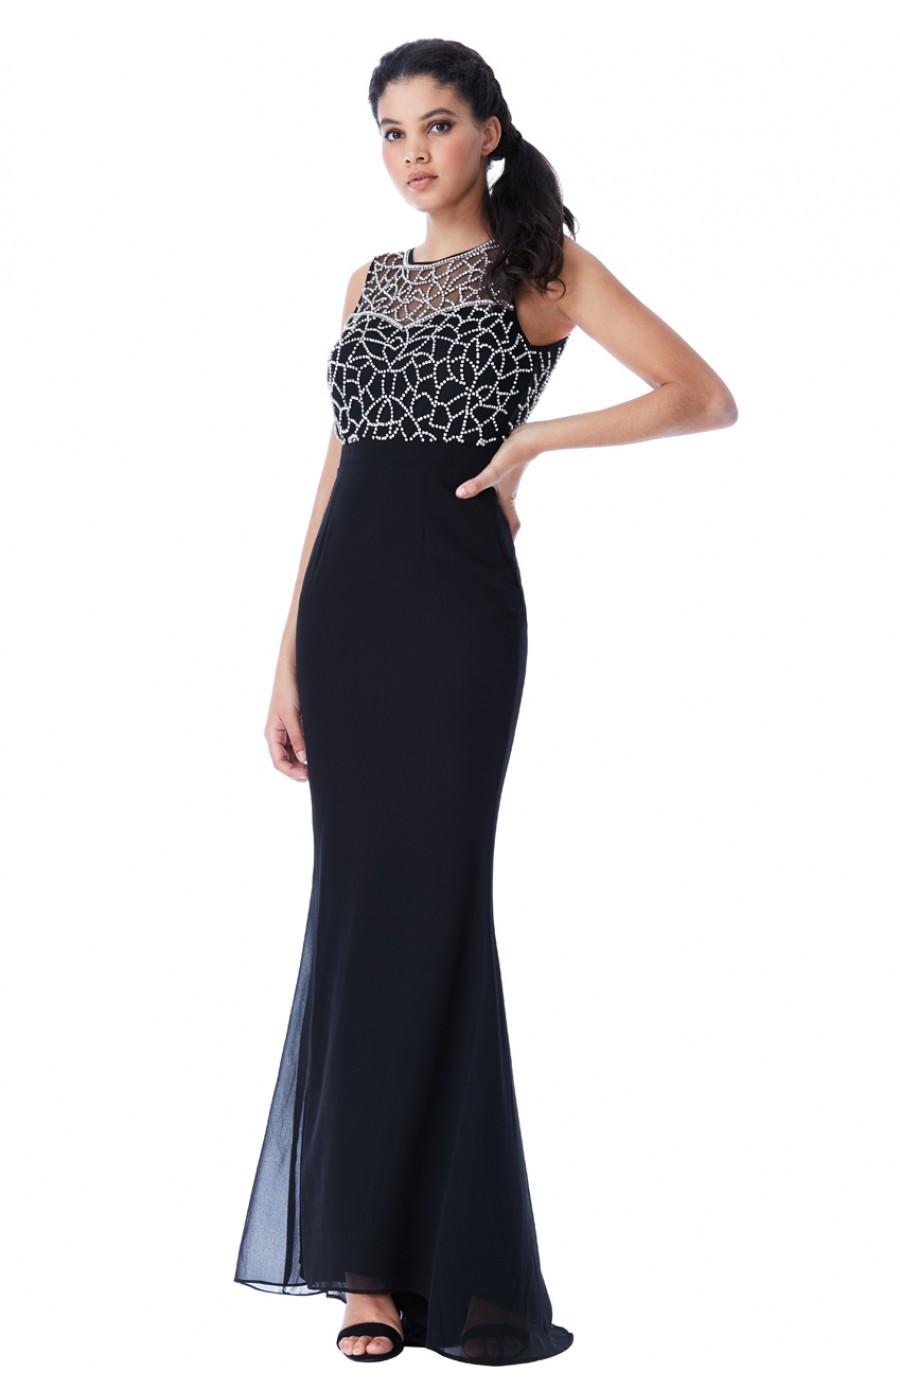 Μαύρο επίσημο φόρεμα με χειροποίητο κέντημα